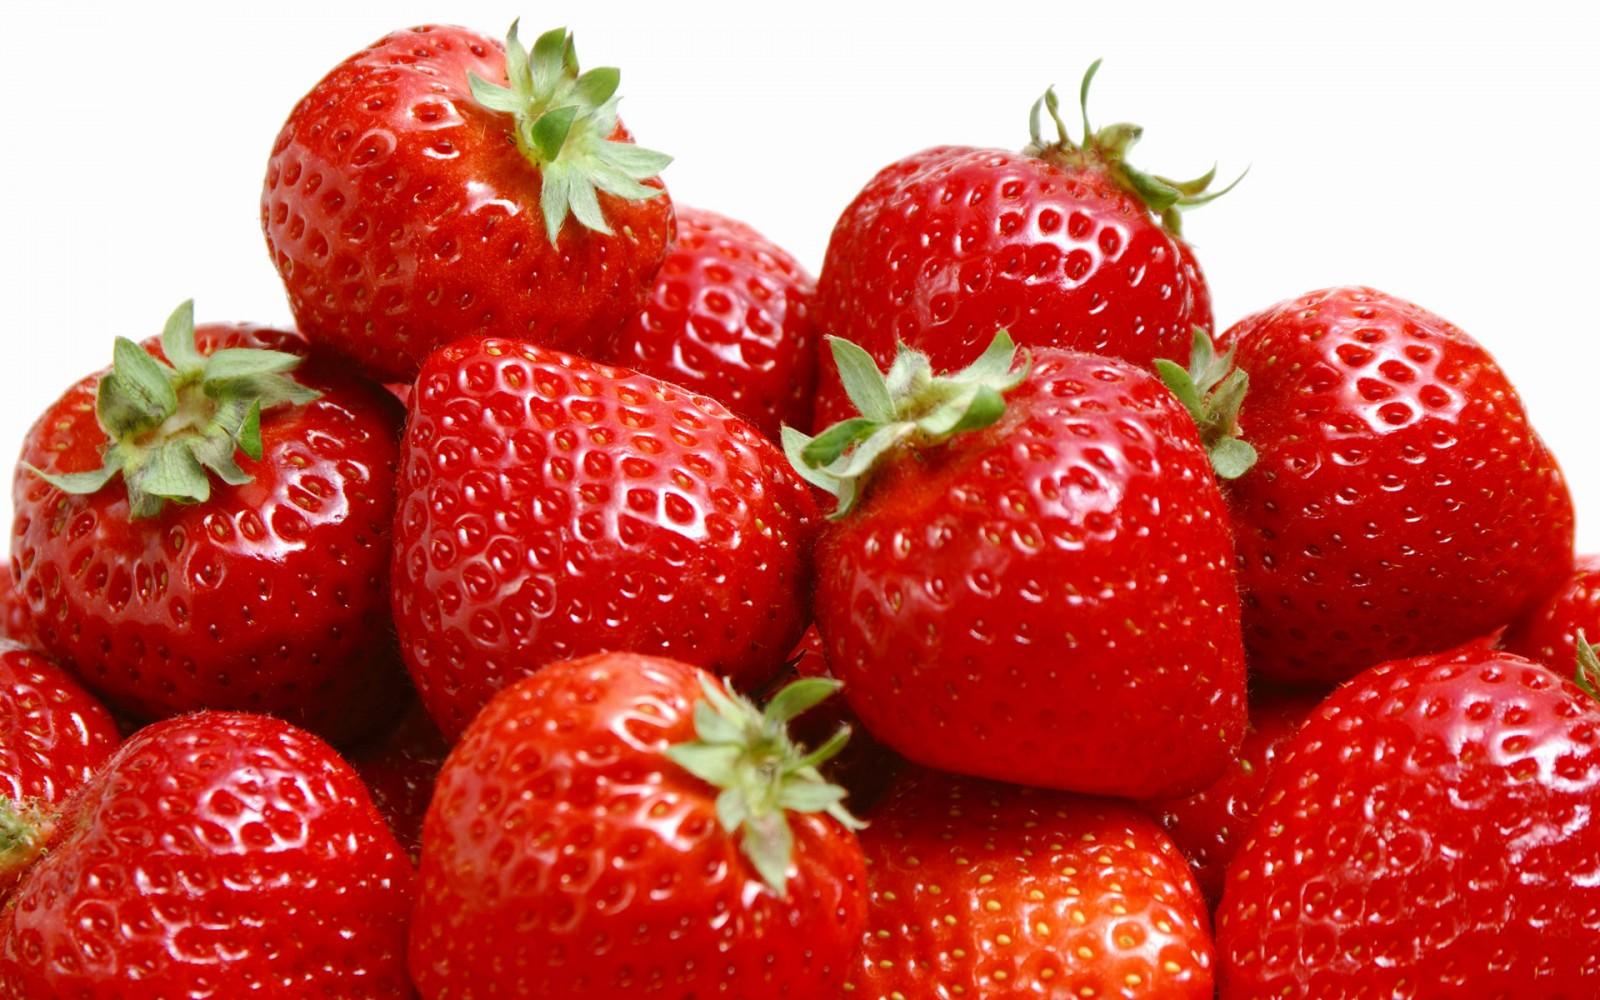 jagoda zdravlje